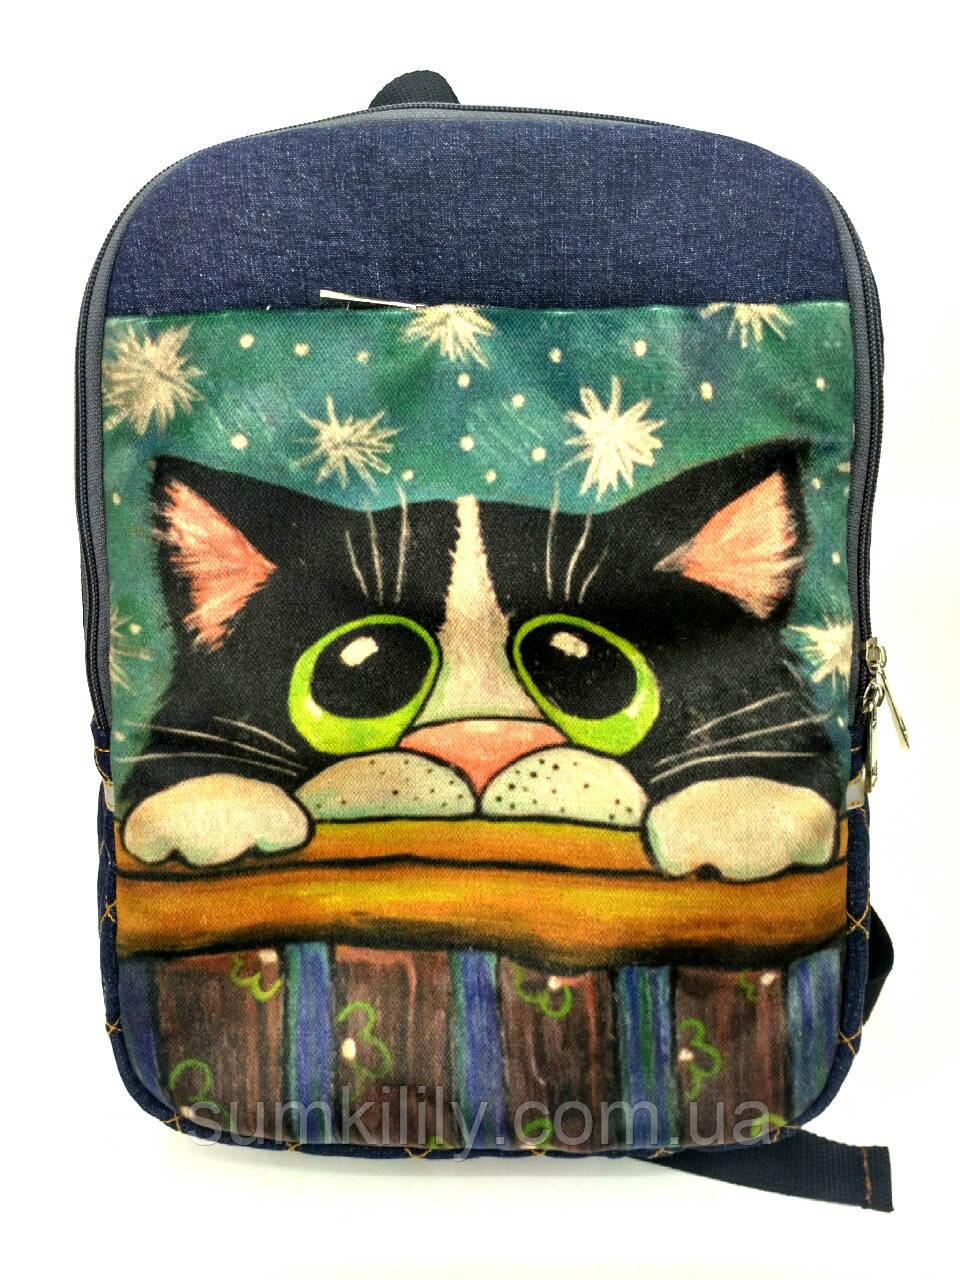 Джинсовый рюкзак - А что вы здесь делаете?